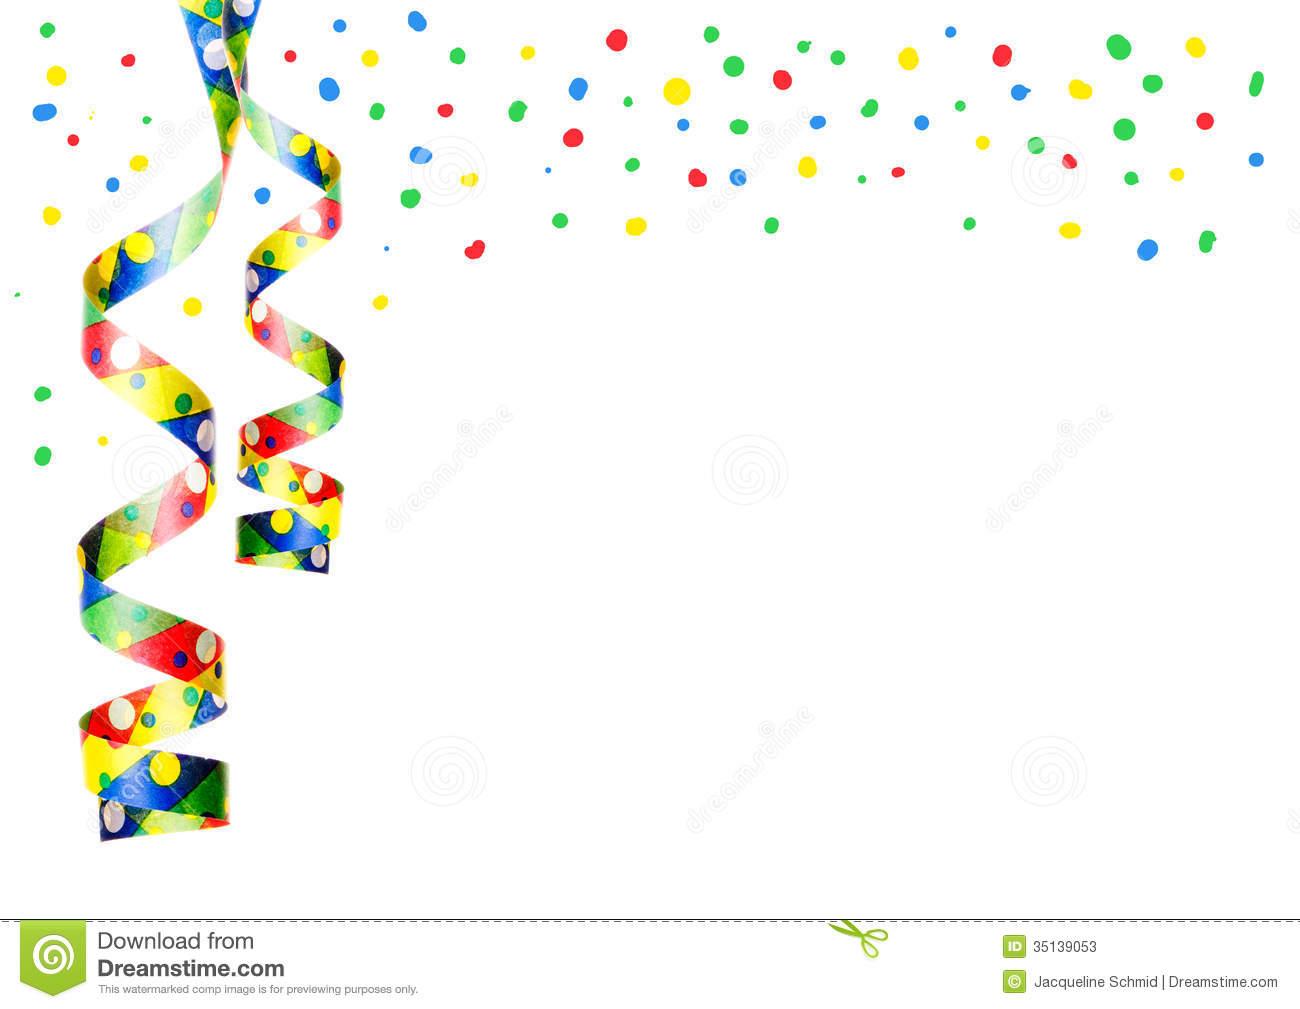 Confetti Background Clipart 1876566 1300x1009